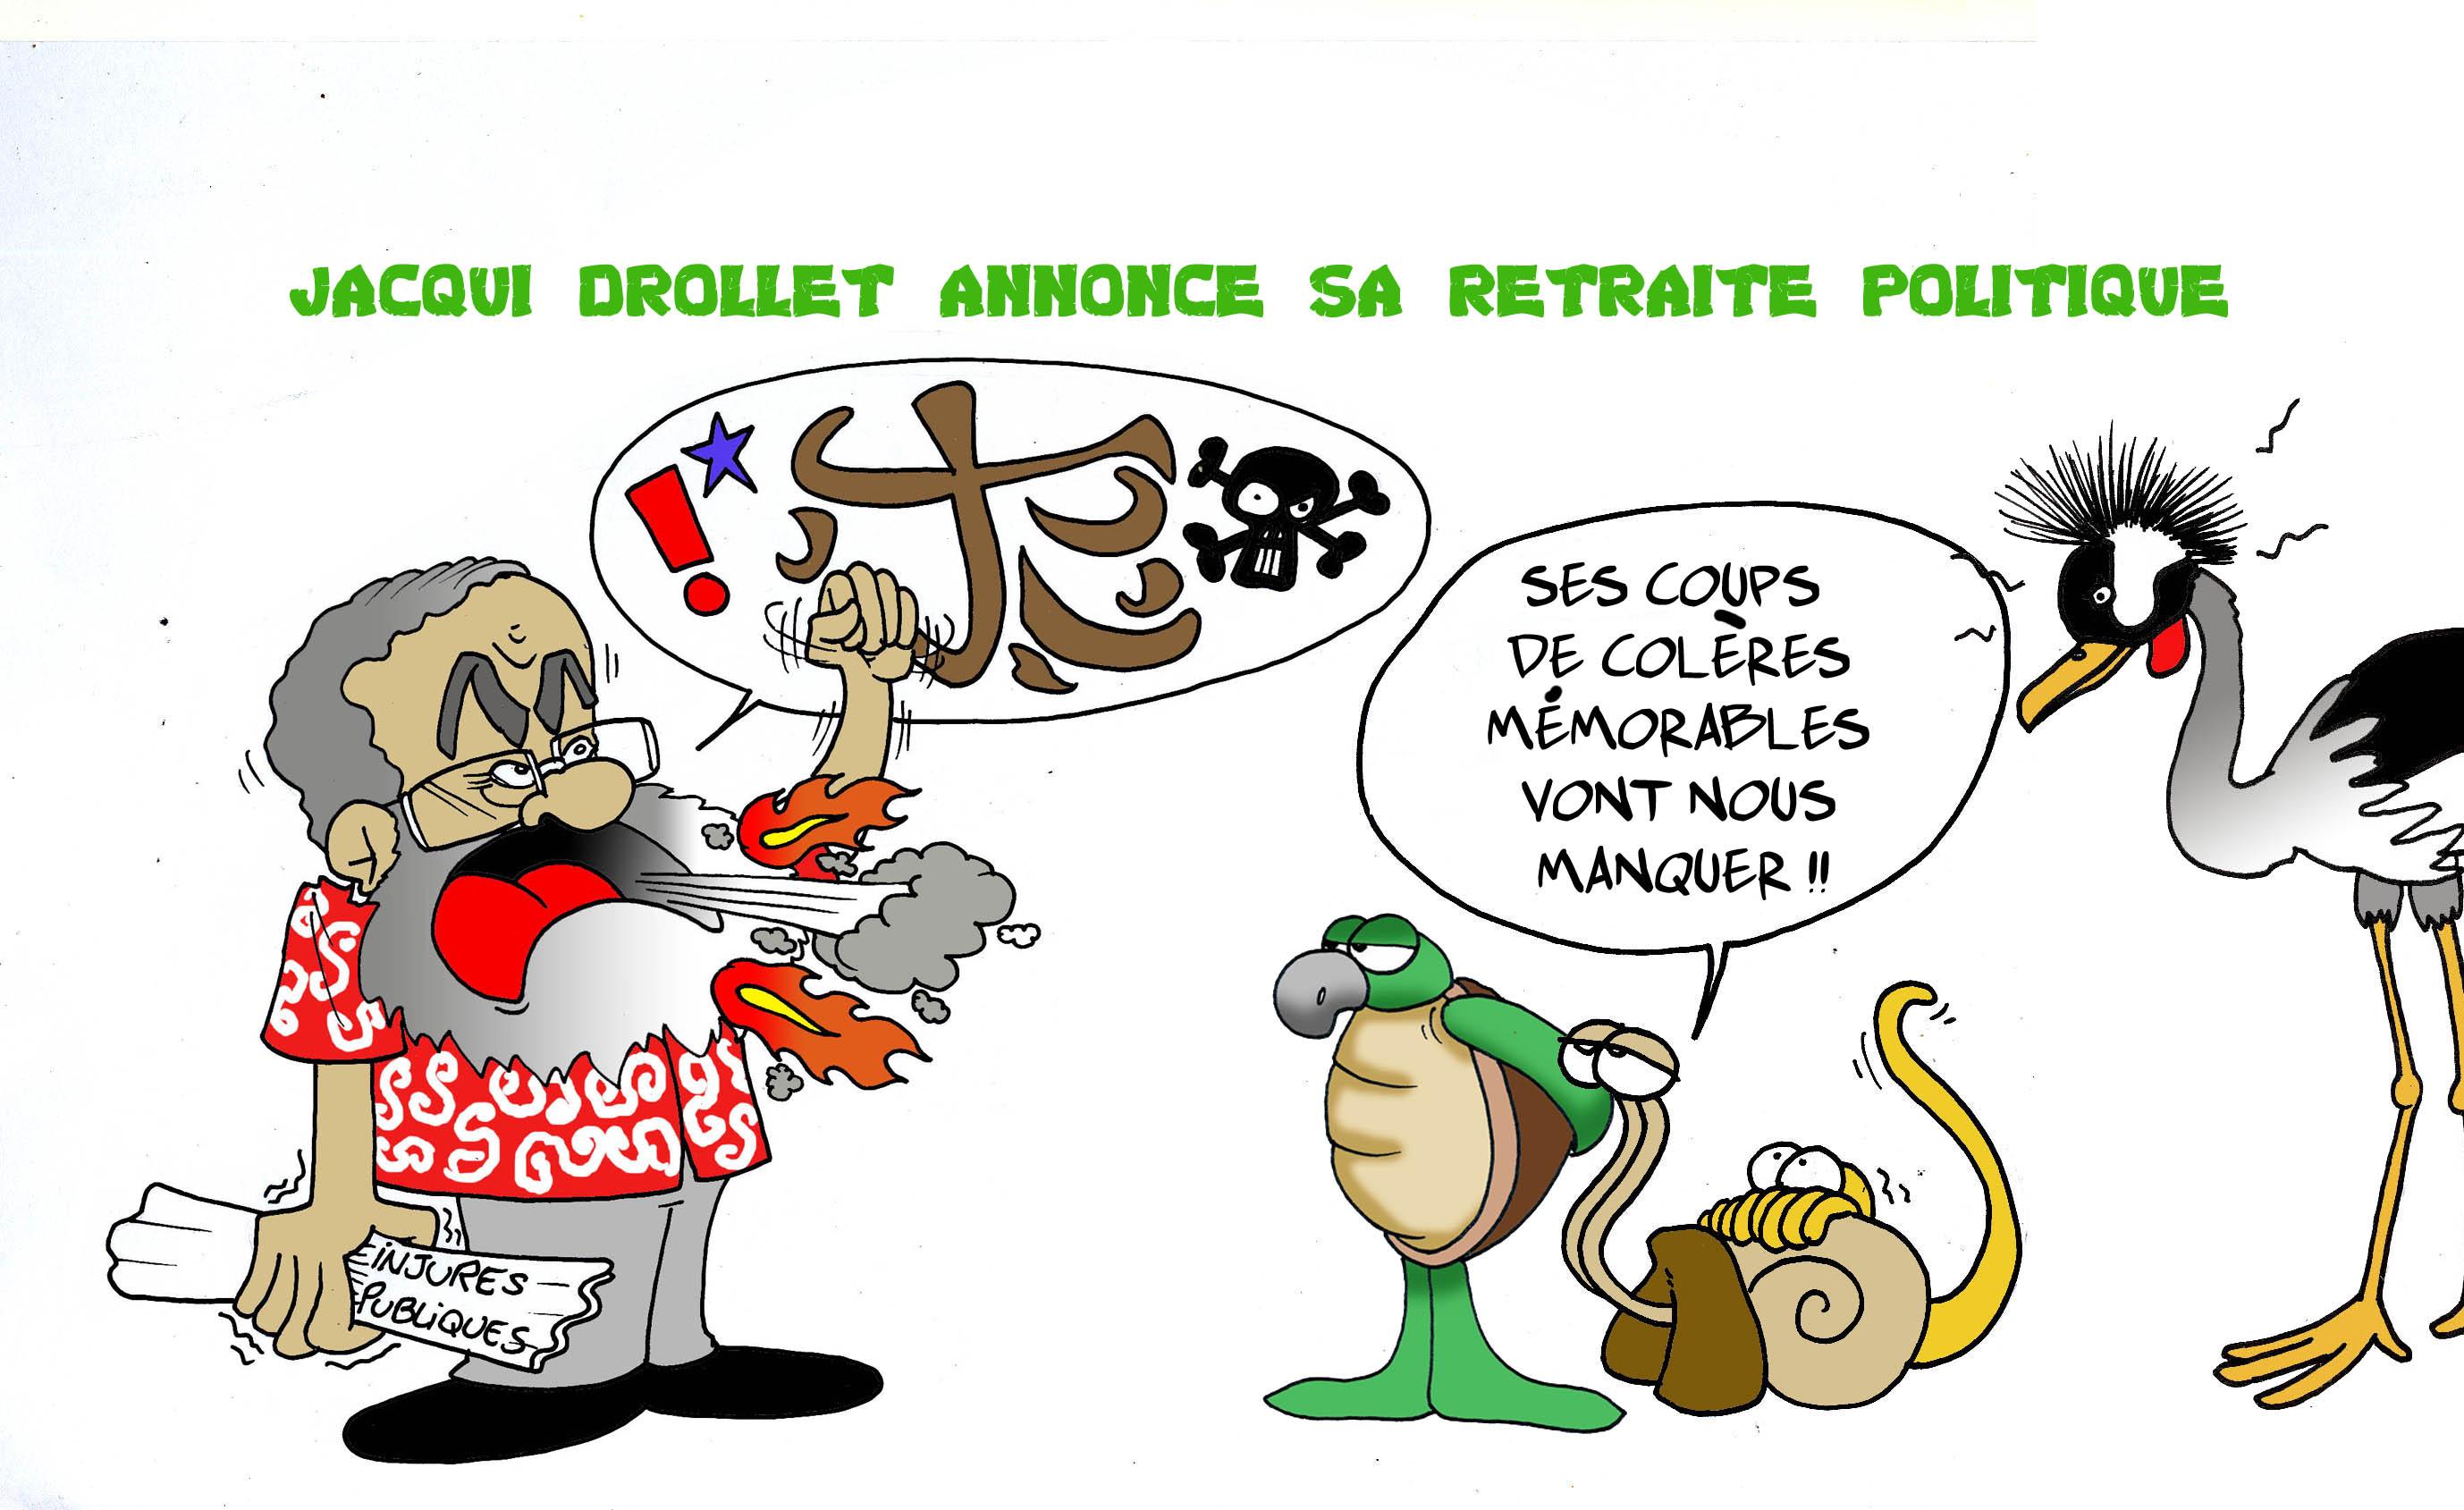 """"""" Jacqui Drollet annonce sa retraite politique """" par Munoz"""